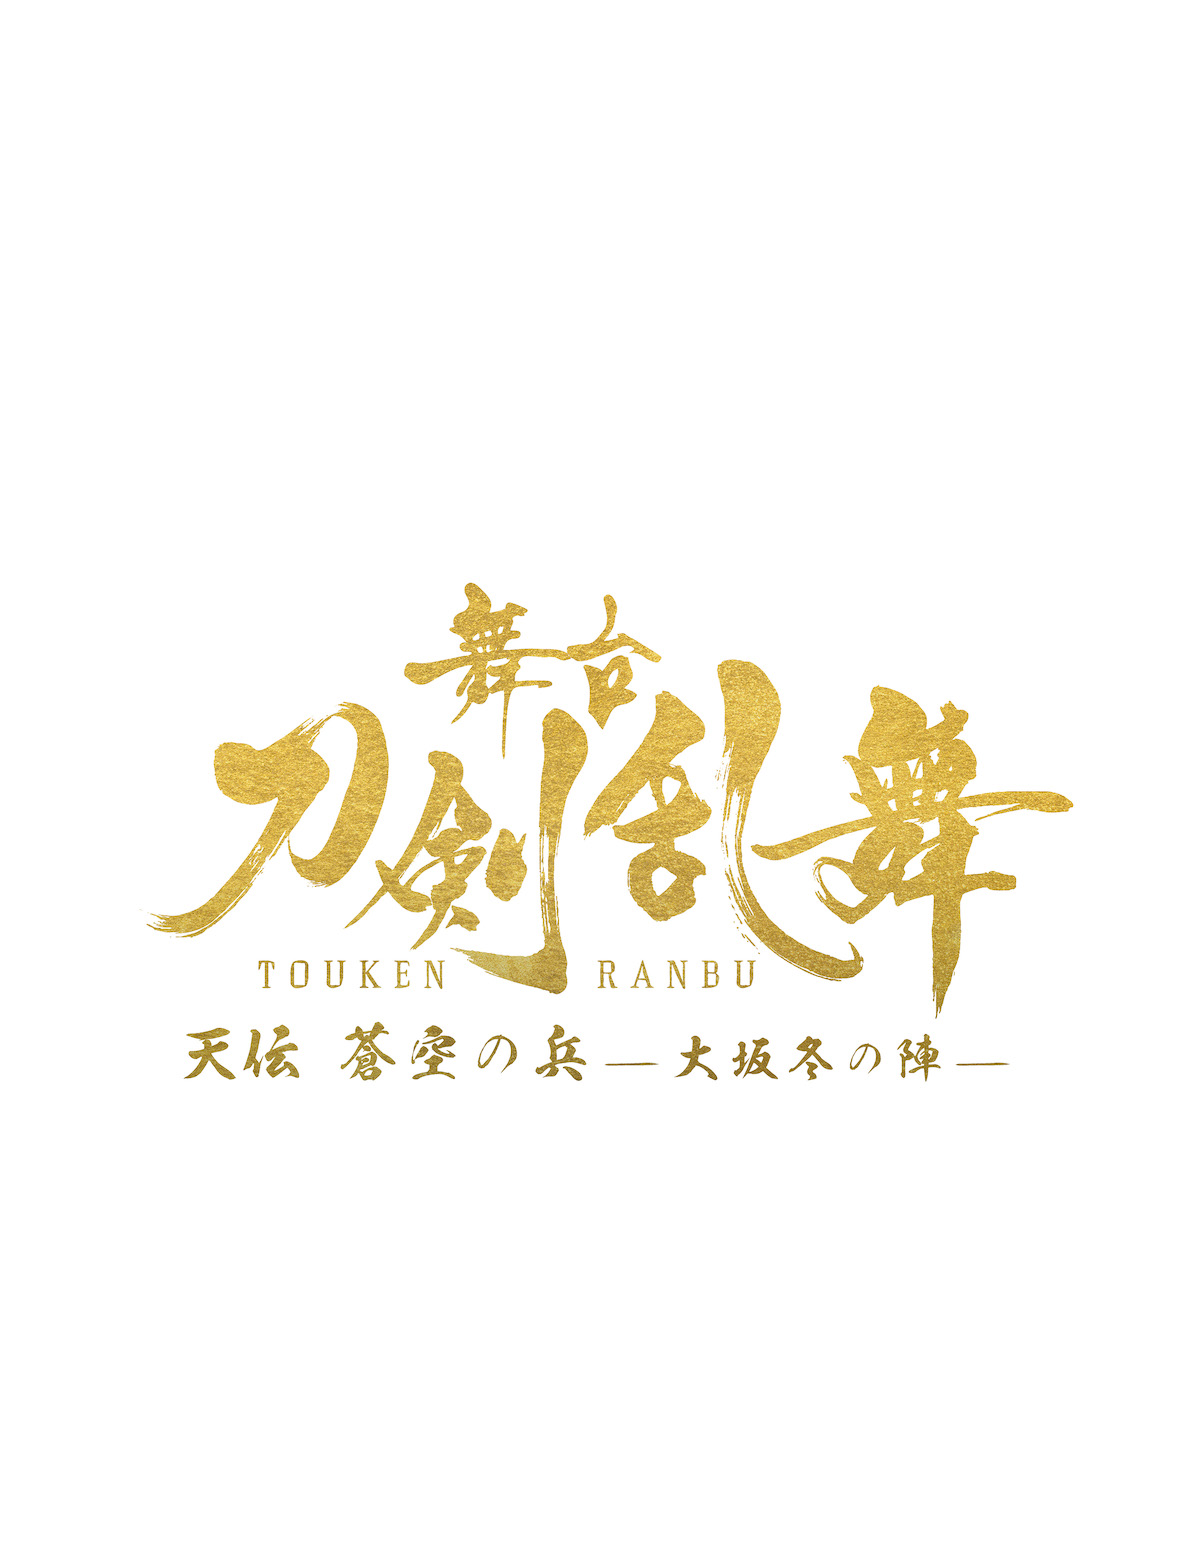 舞台『刀剣乱舞』大坂冬の陣 正式タイトル、メインビジュアル、メインスタッフ情報など一挙解禁 イメージ画像